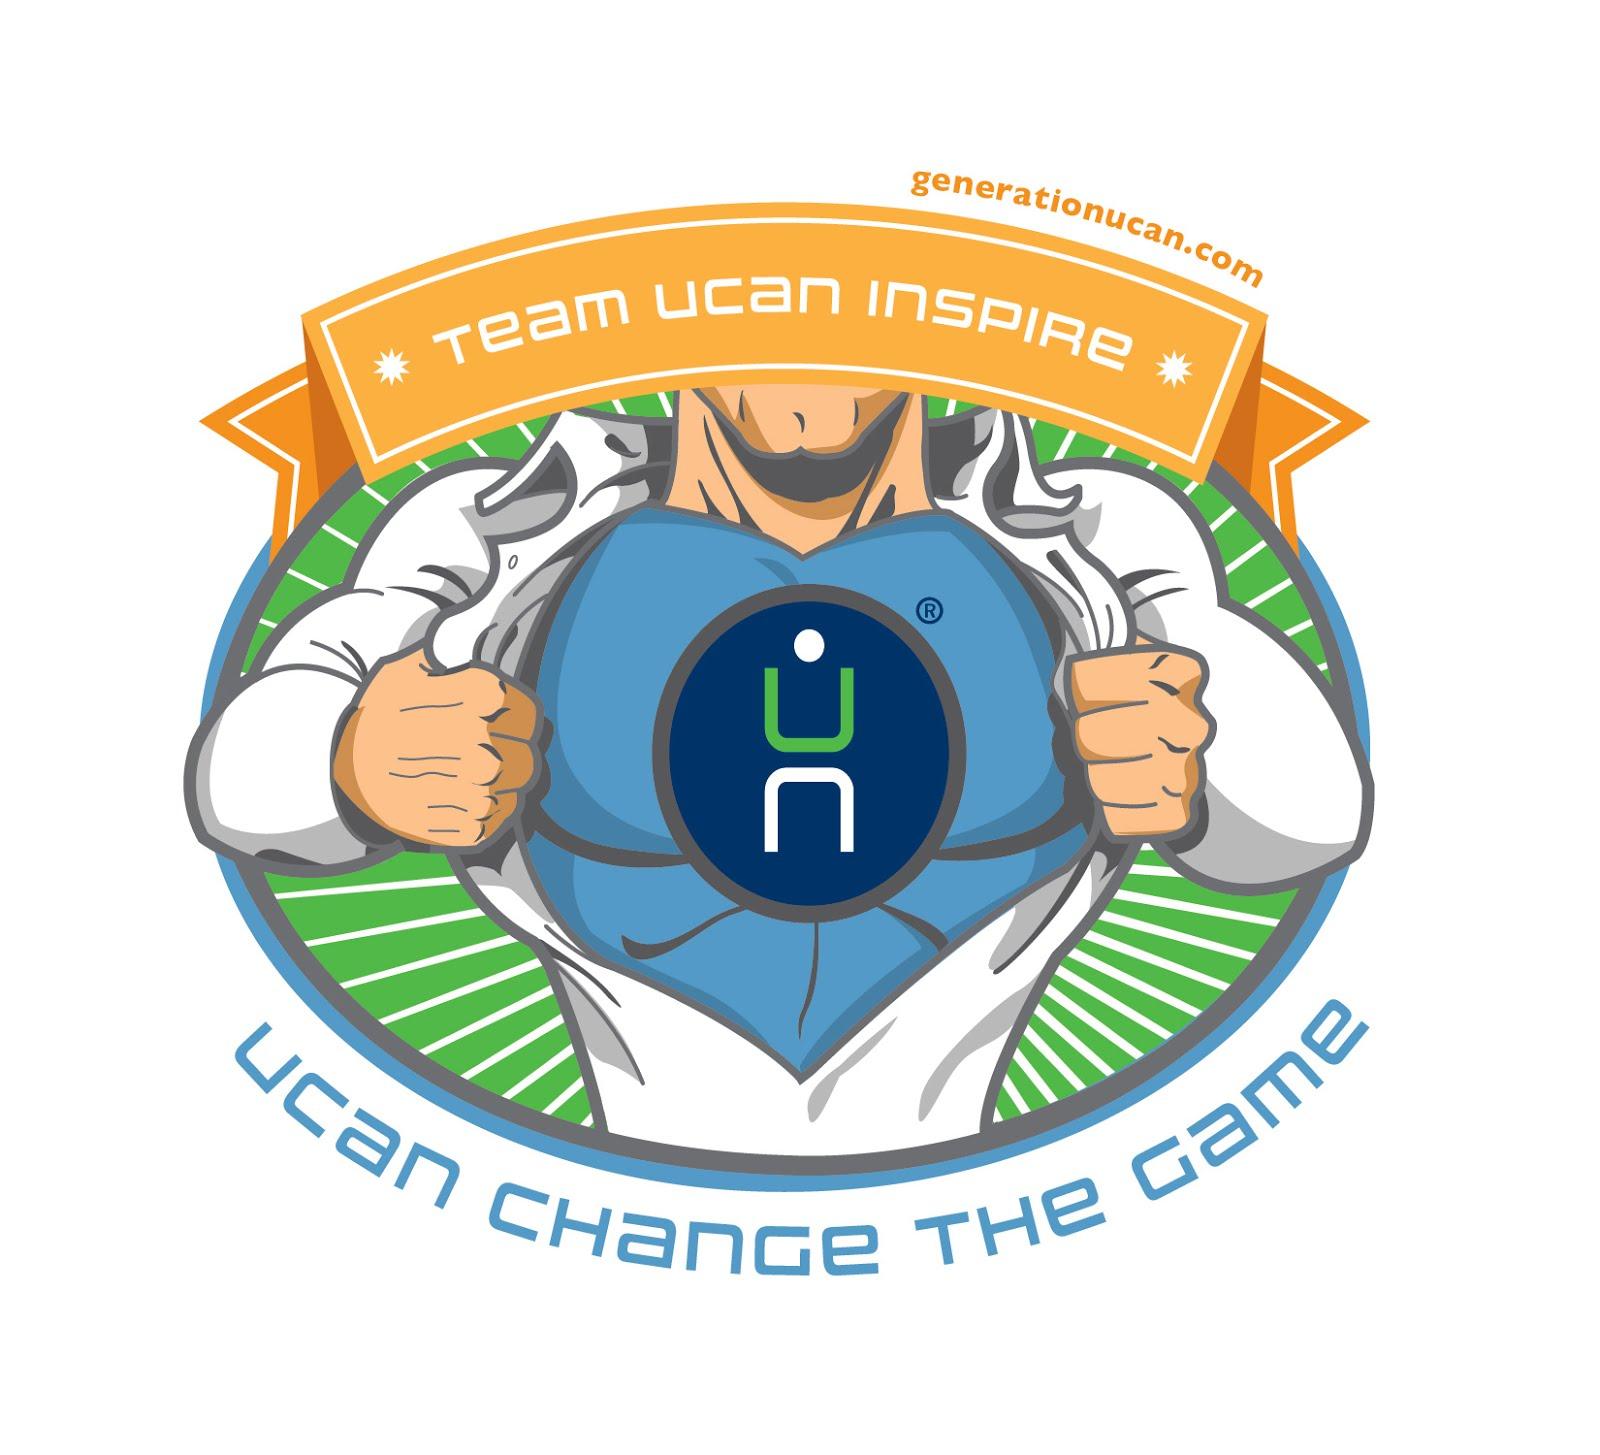 Team UCAN Inspire